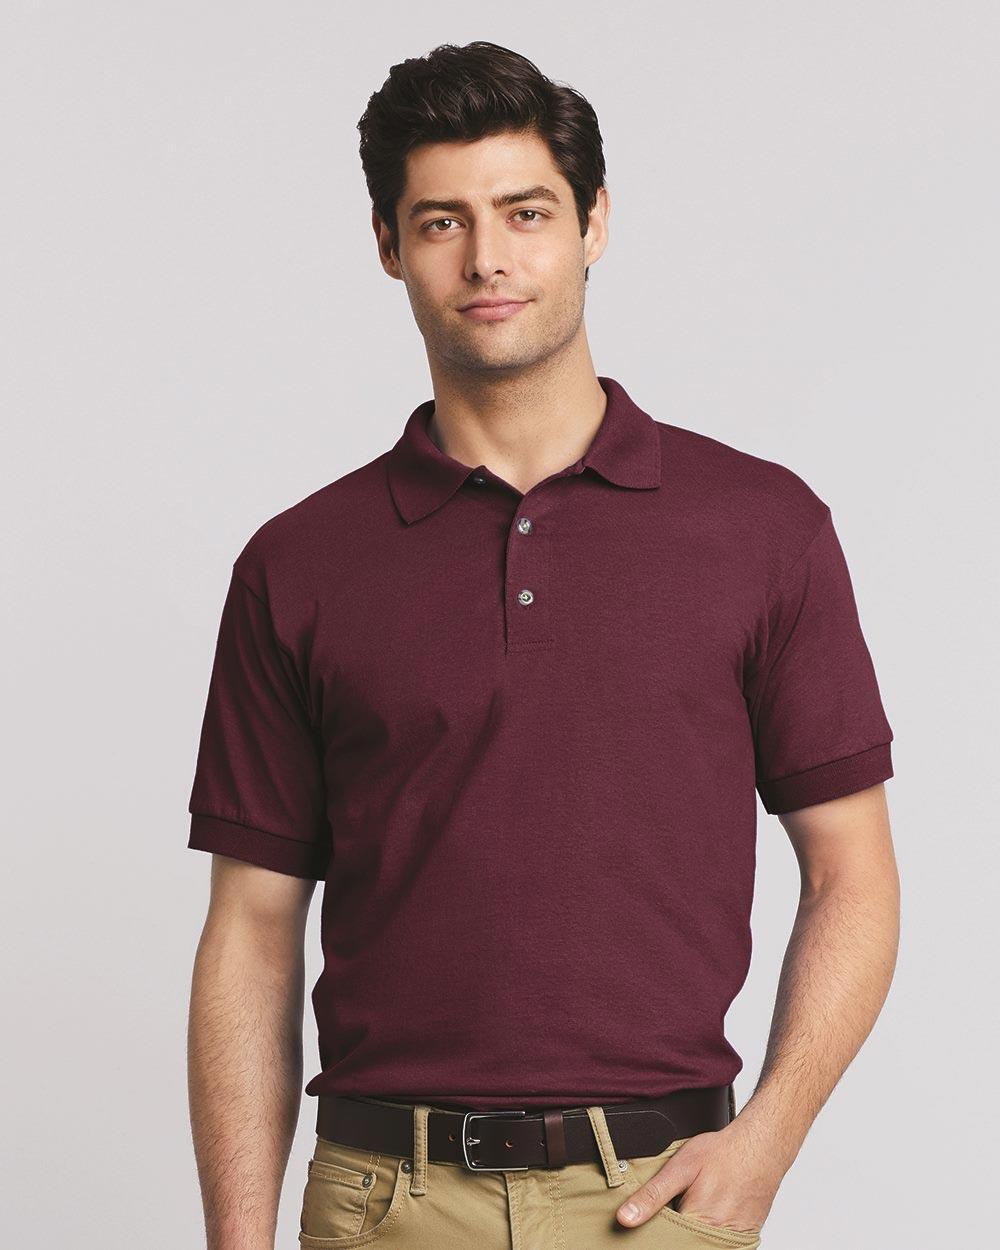 Gildan 2800 - Ultra Cotton Jersey Sport Shirt